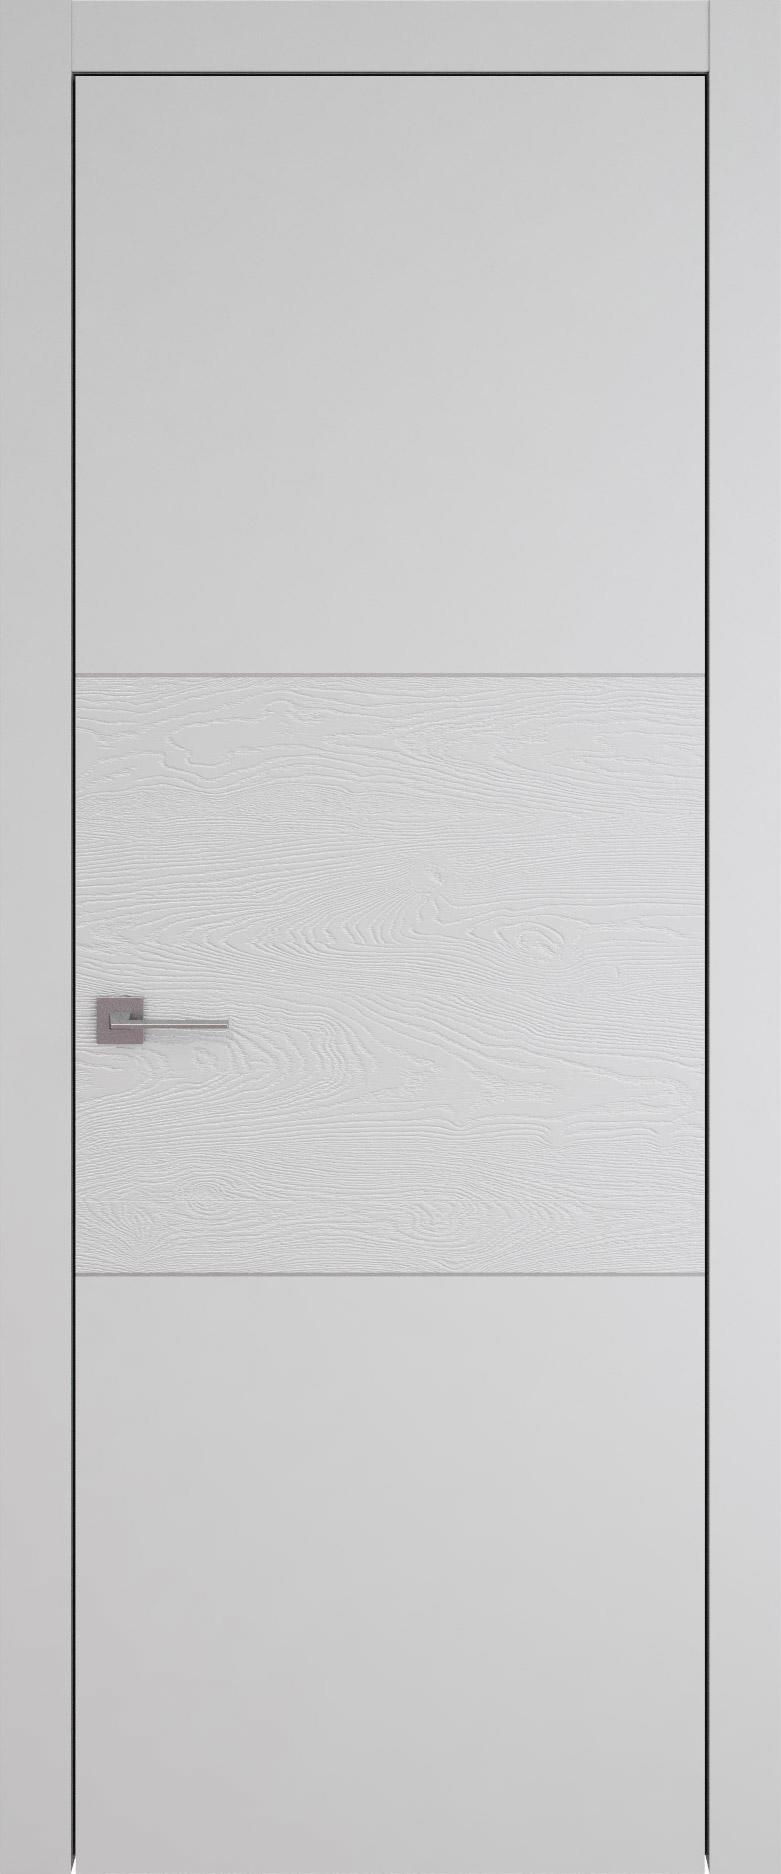 Tivoli В-2 цвет - Серая эмаль-эмаль по шпону (RAL 7047) Без стекла (ДГ)